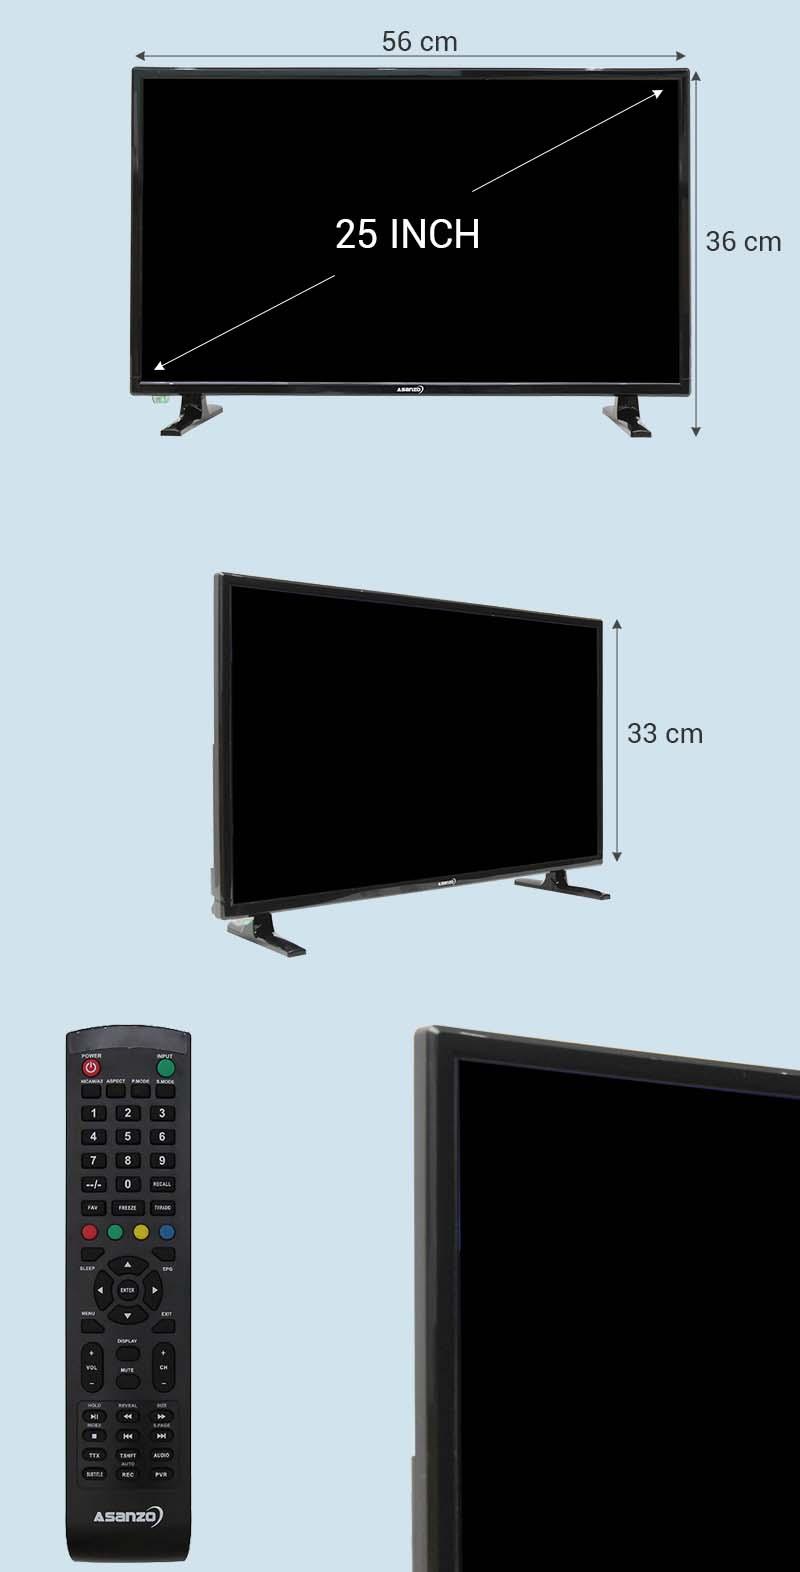 Tivi Asanzo 25 inch 25T350 - Kích thước tivi